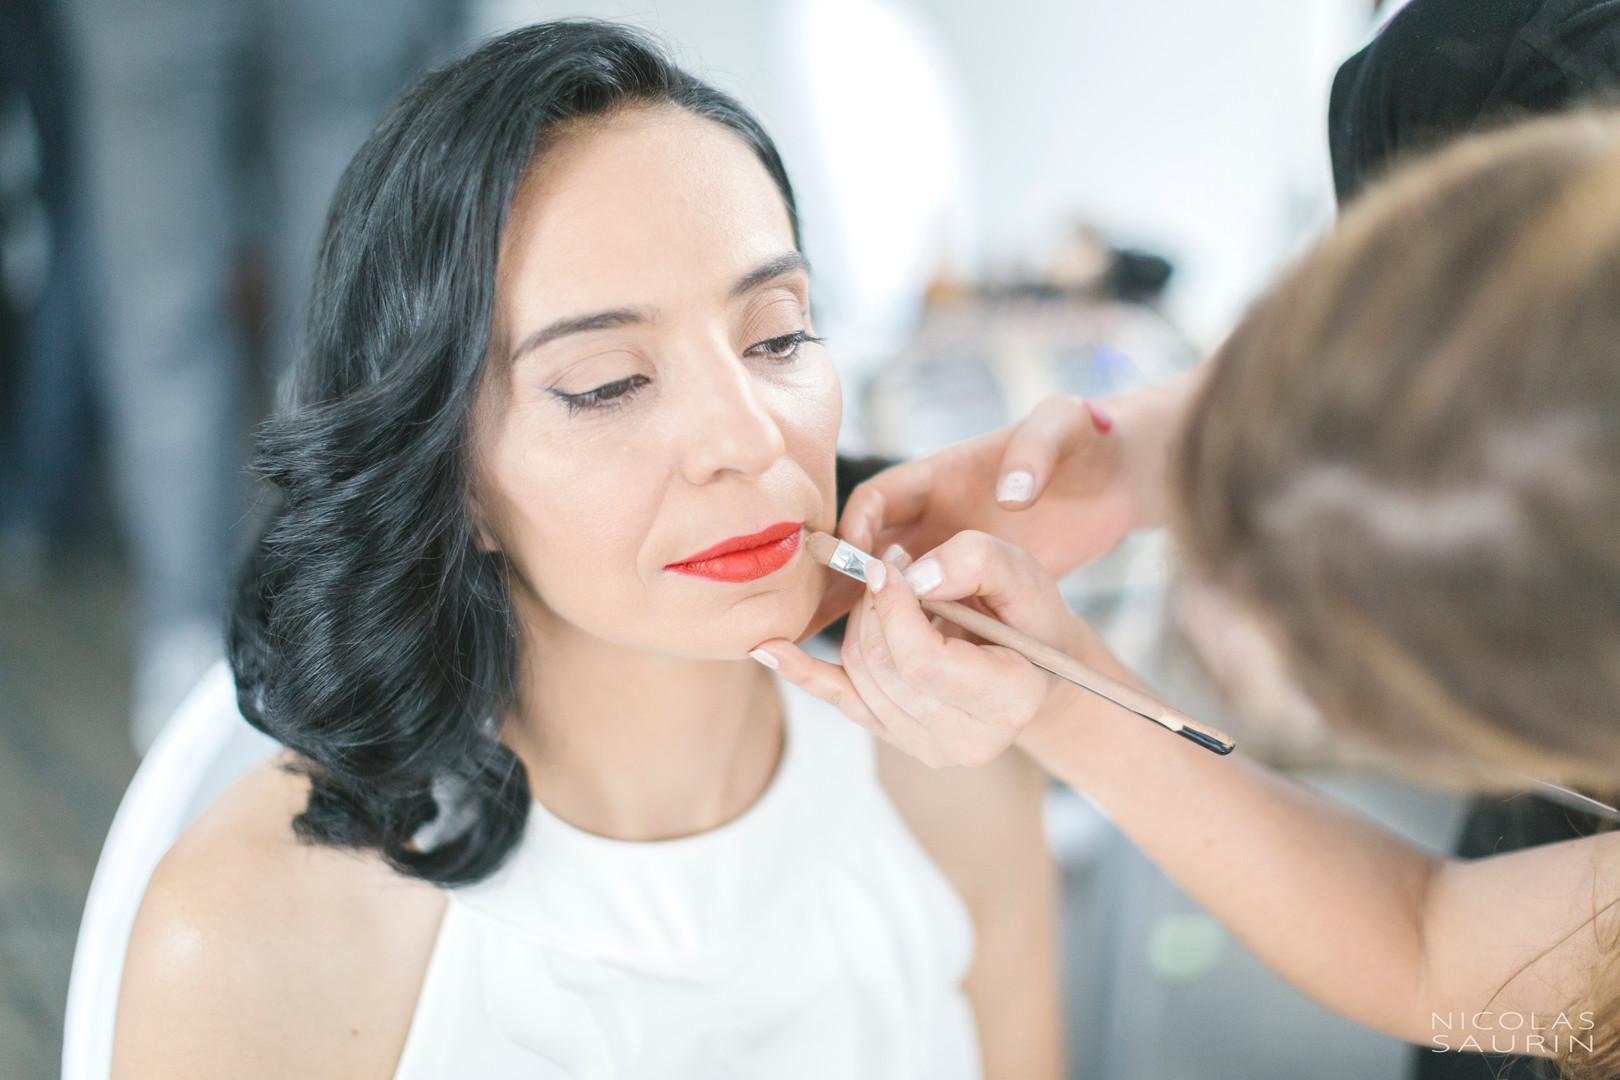 Maquillage invitée par l'équipe D&Z Agency